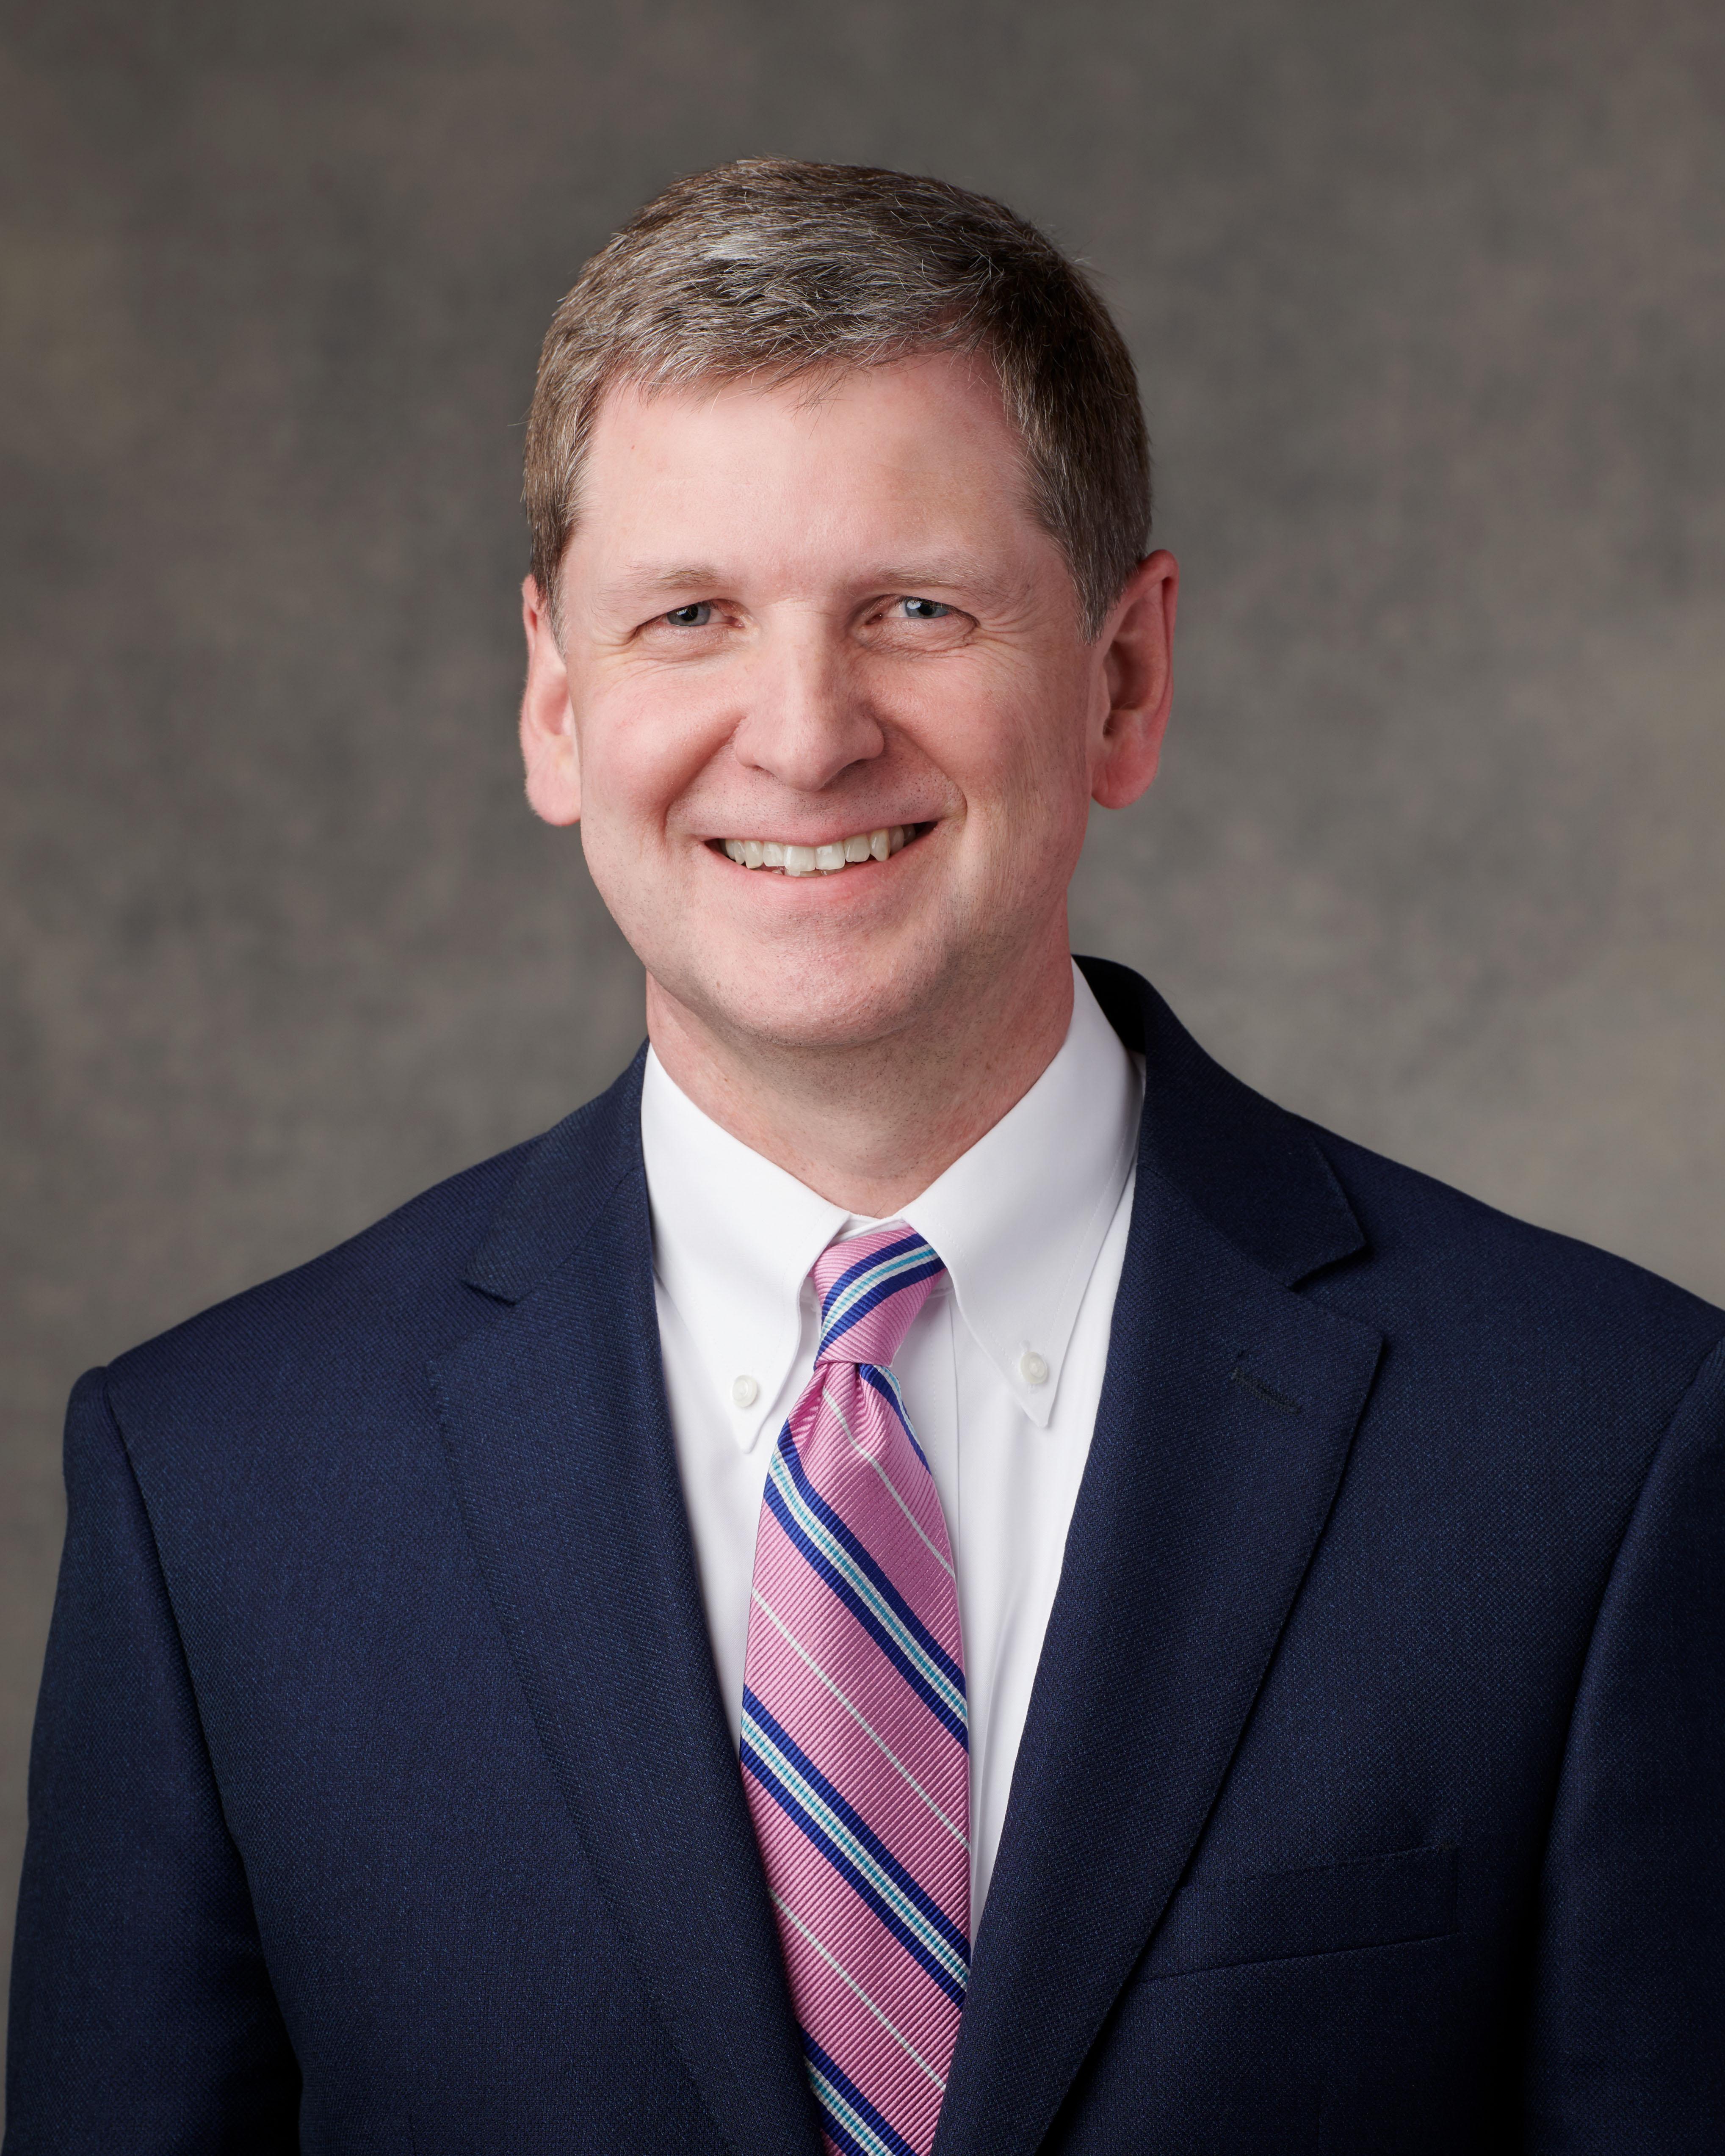 O élder James R. Rasband foi apoiado no sábado, dia 6 de abril de 2019, como setenta autoridade geral de A Igreja de Jesus Cristo dos Santos dos Últimos Dias.